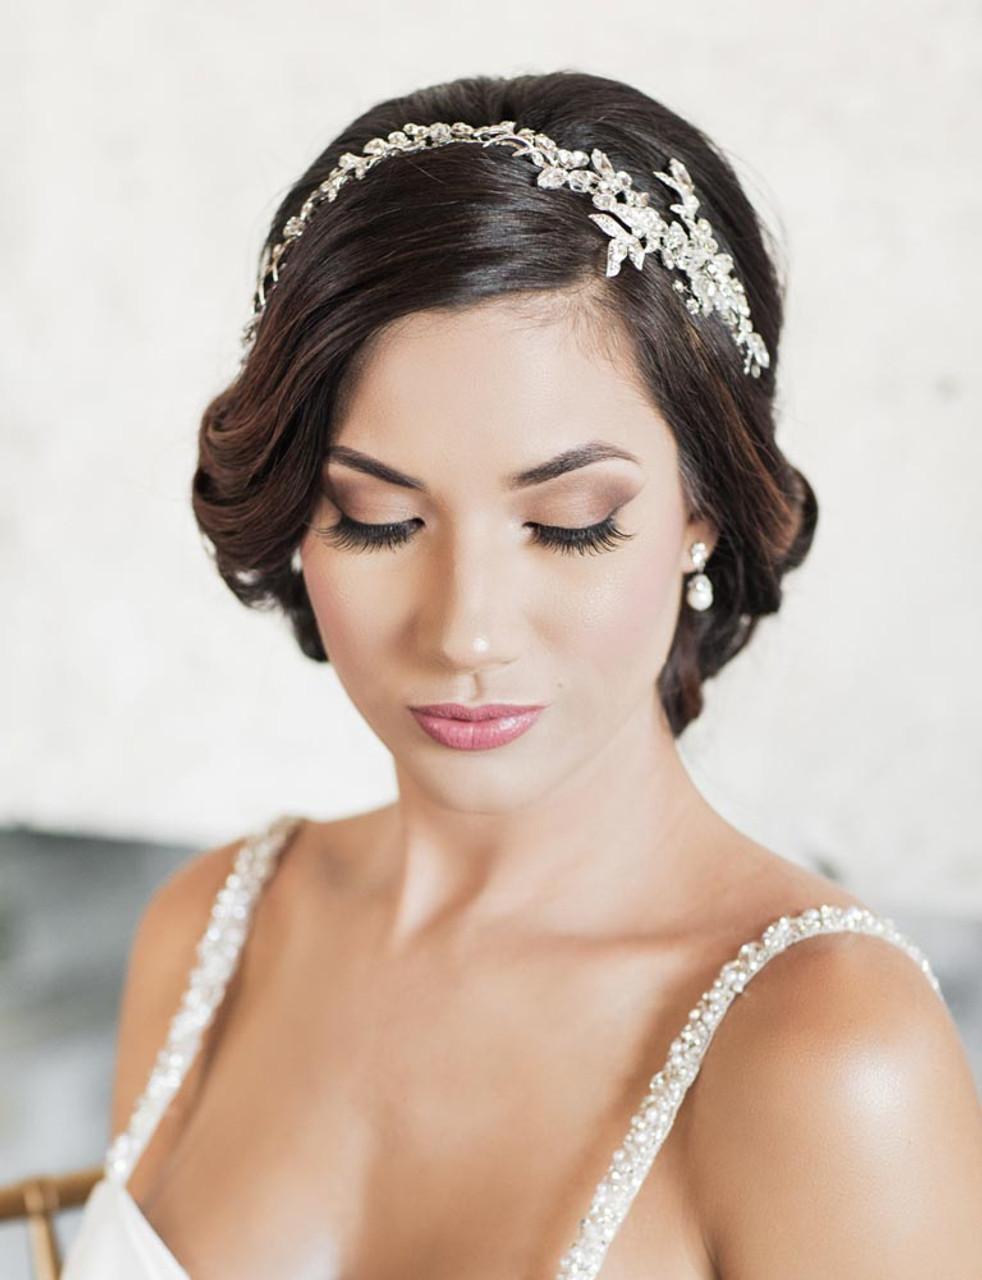 Maritza Bridal Headpiece 1103 - Headband